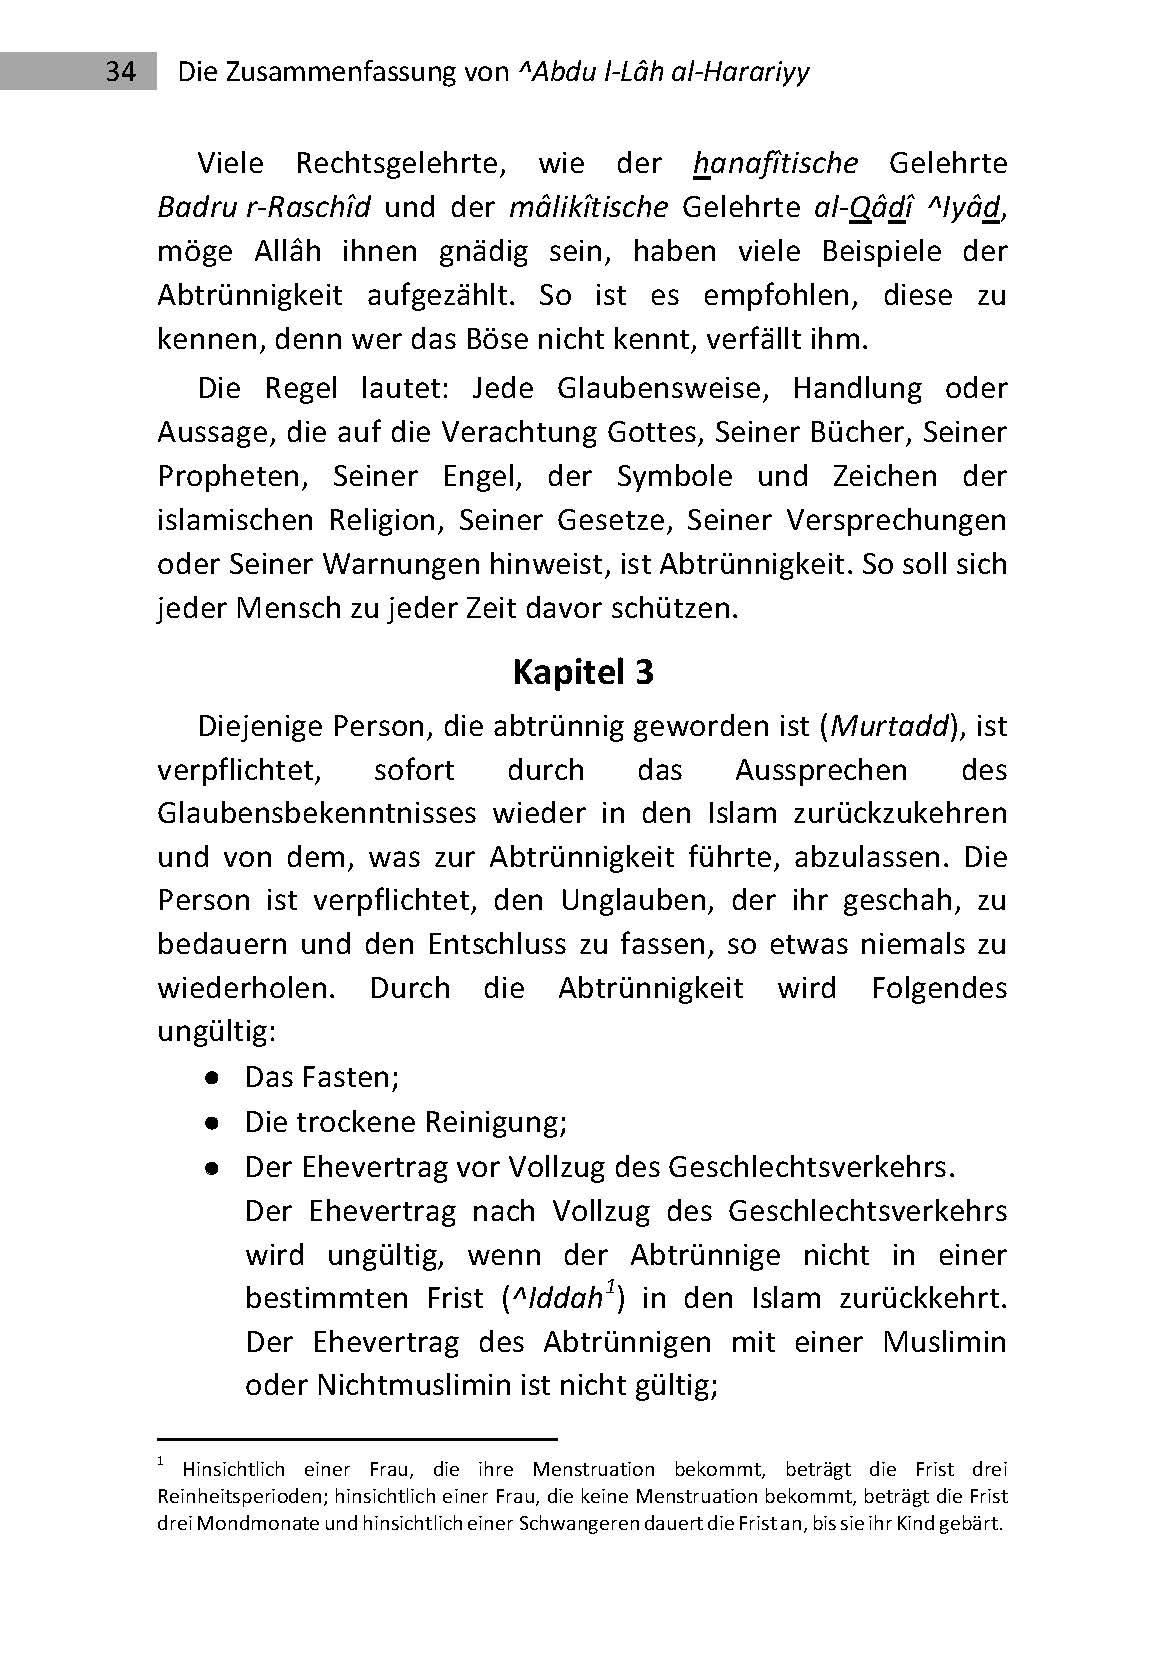 Die Zusammenfassung - 3. Auflage 2014_Seite_34